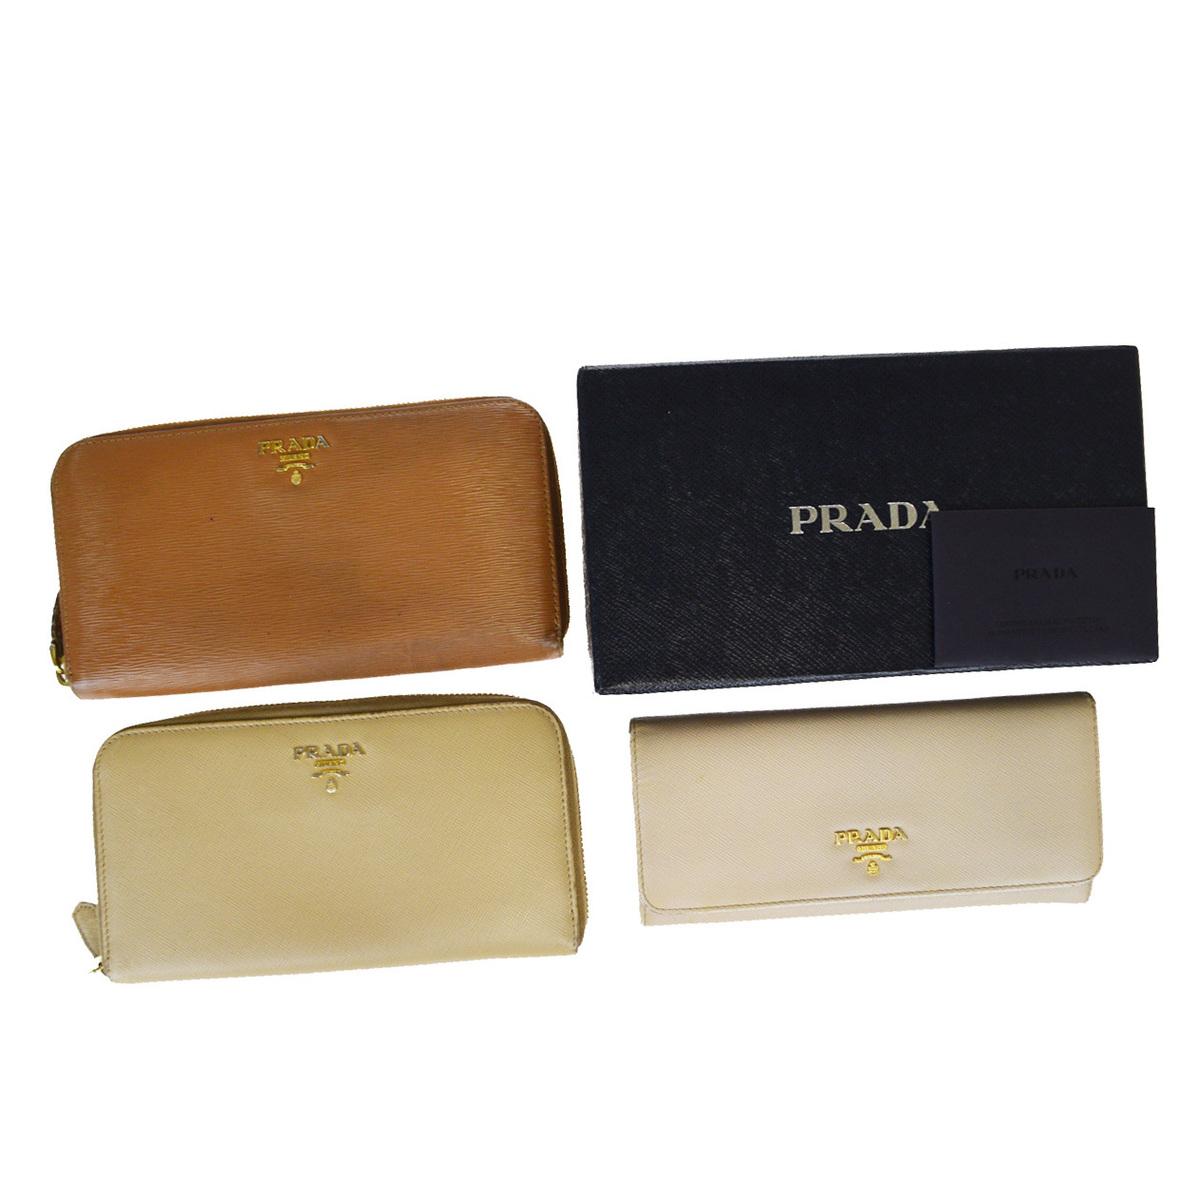 【中古】 プラダ(Prada) 3セット レザー 長財布(二つ折り) ベージュ,ブラウン 09FA742